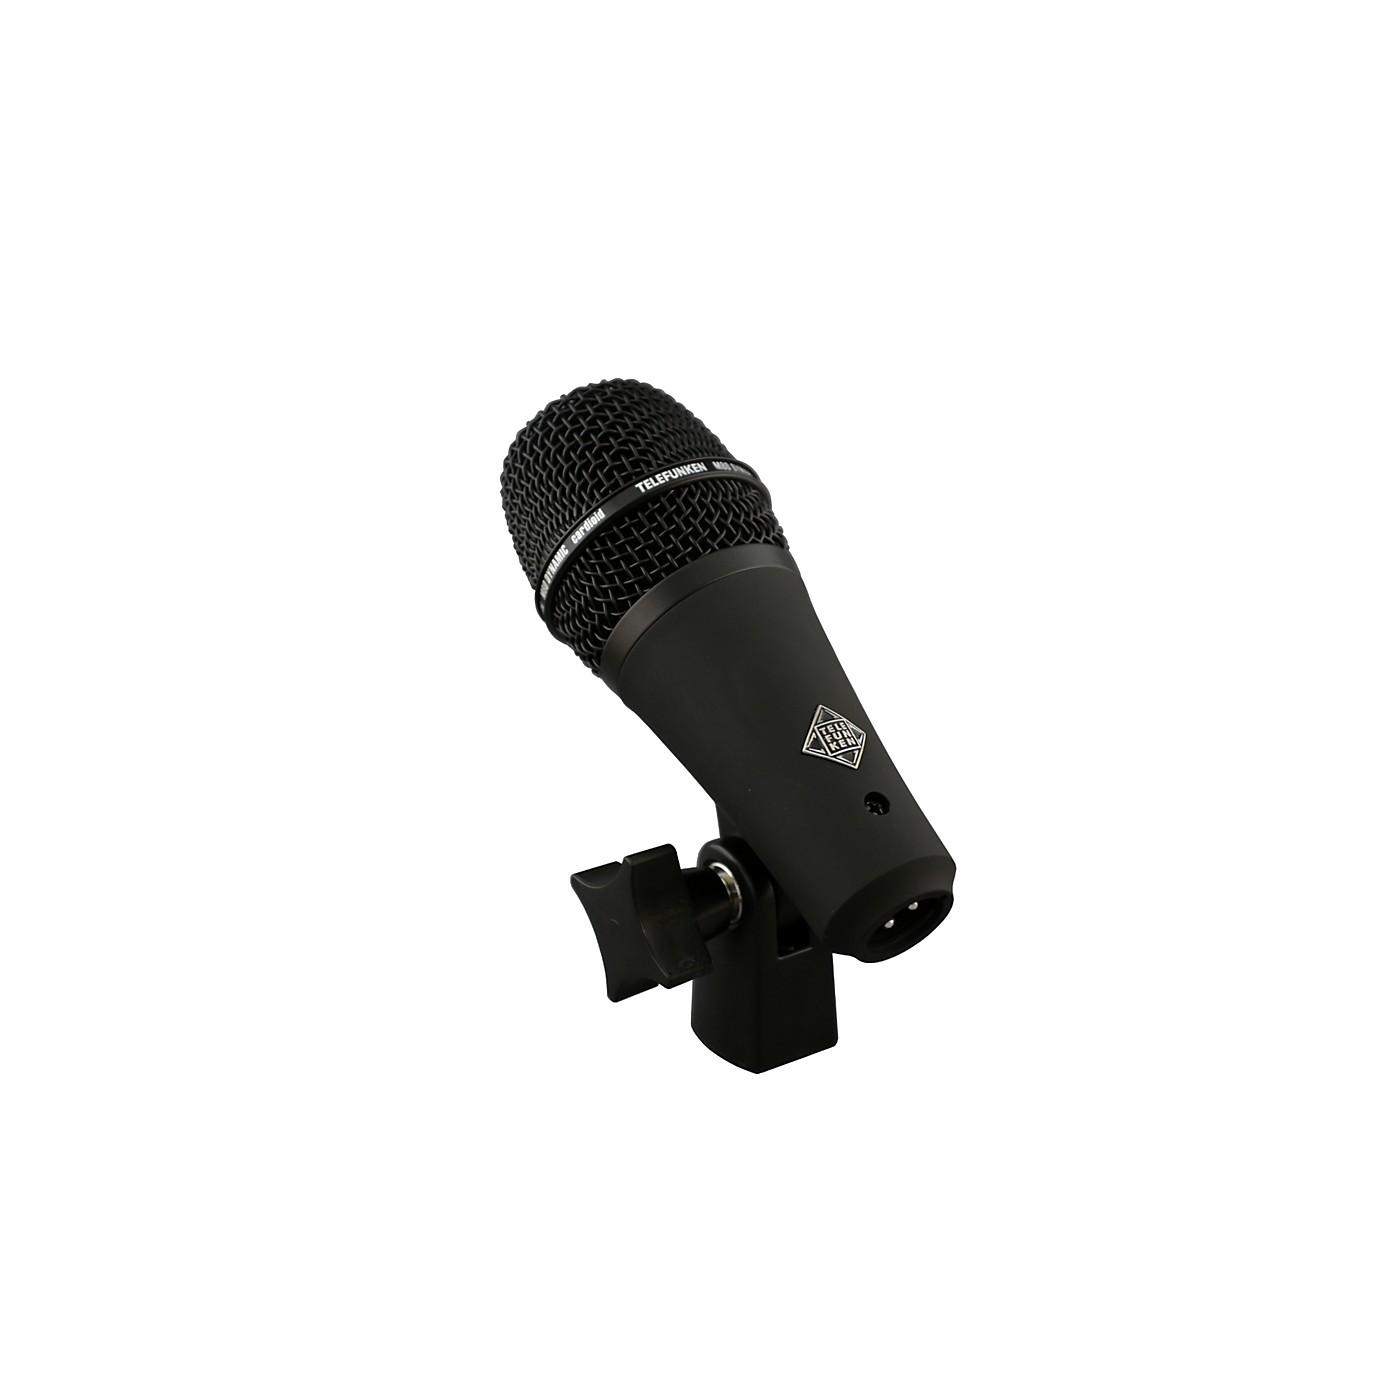 Telefunken M80-SH Dynamic Microphone thumbnail